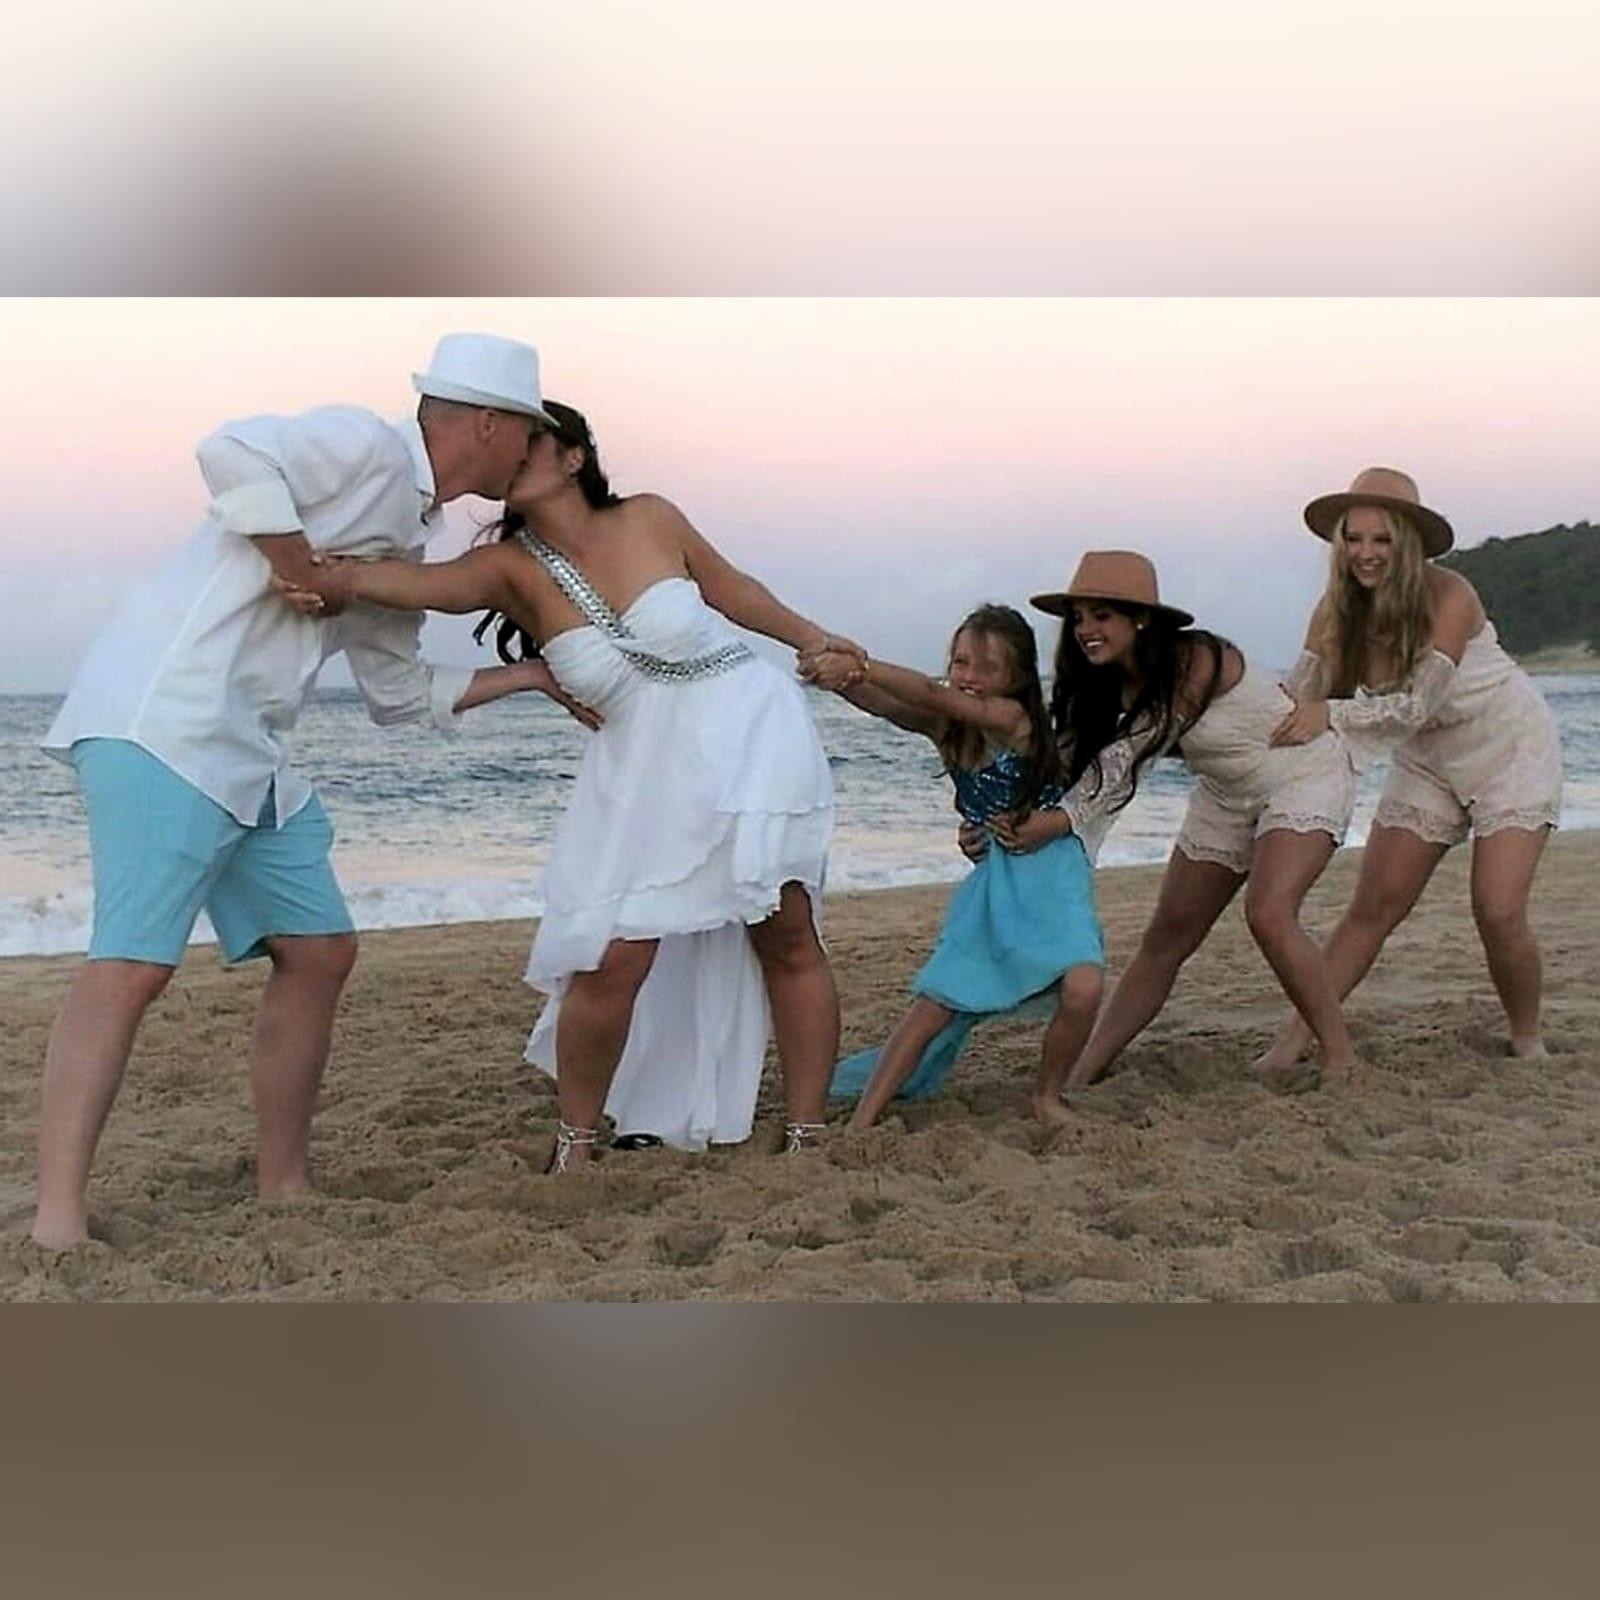 Vestido de casamento de noiva com corpete reunido 3 vestido de casamento de noiva com corpete reunido, com alça de prata em um ângulo da cintura sobre o ombro para trás. Vestido de noiva de chiffon com uma camada dupla hi lo.